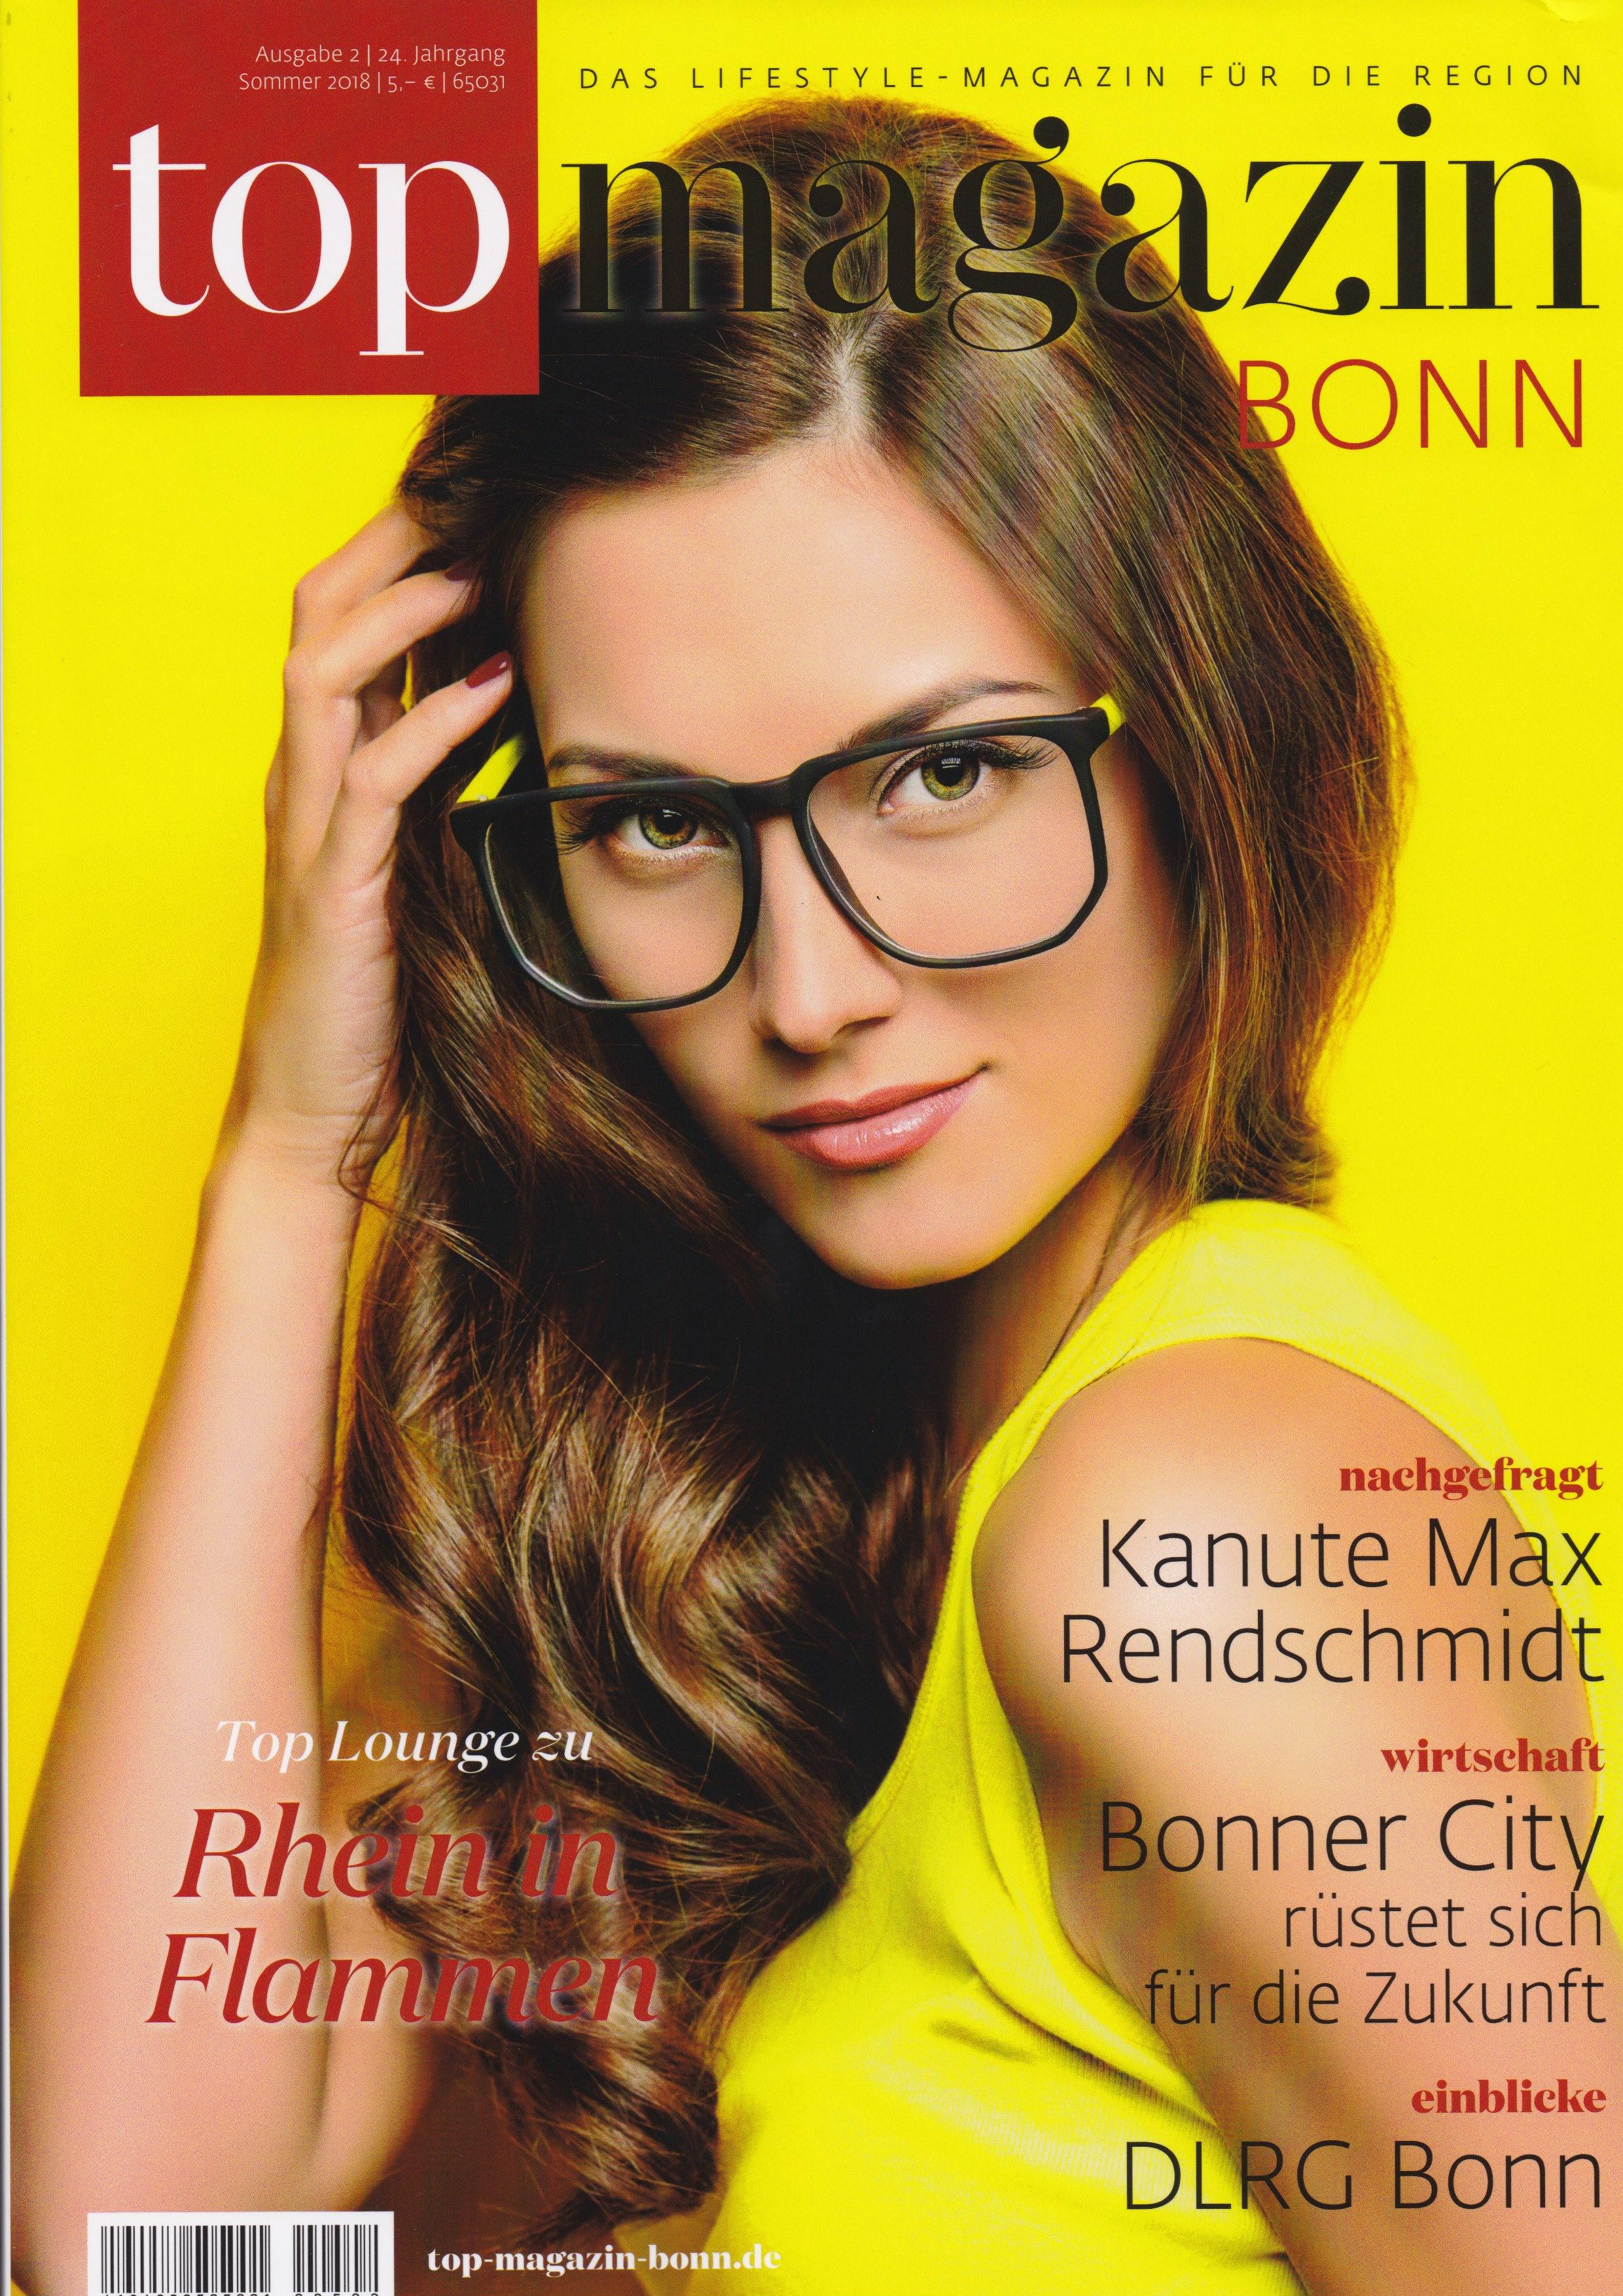 Top Magazin Bonn Cover - Differenzierung, USP, Wertsteigerung - Roman Kmenta - Keynote Speaker und Autor